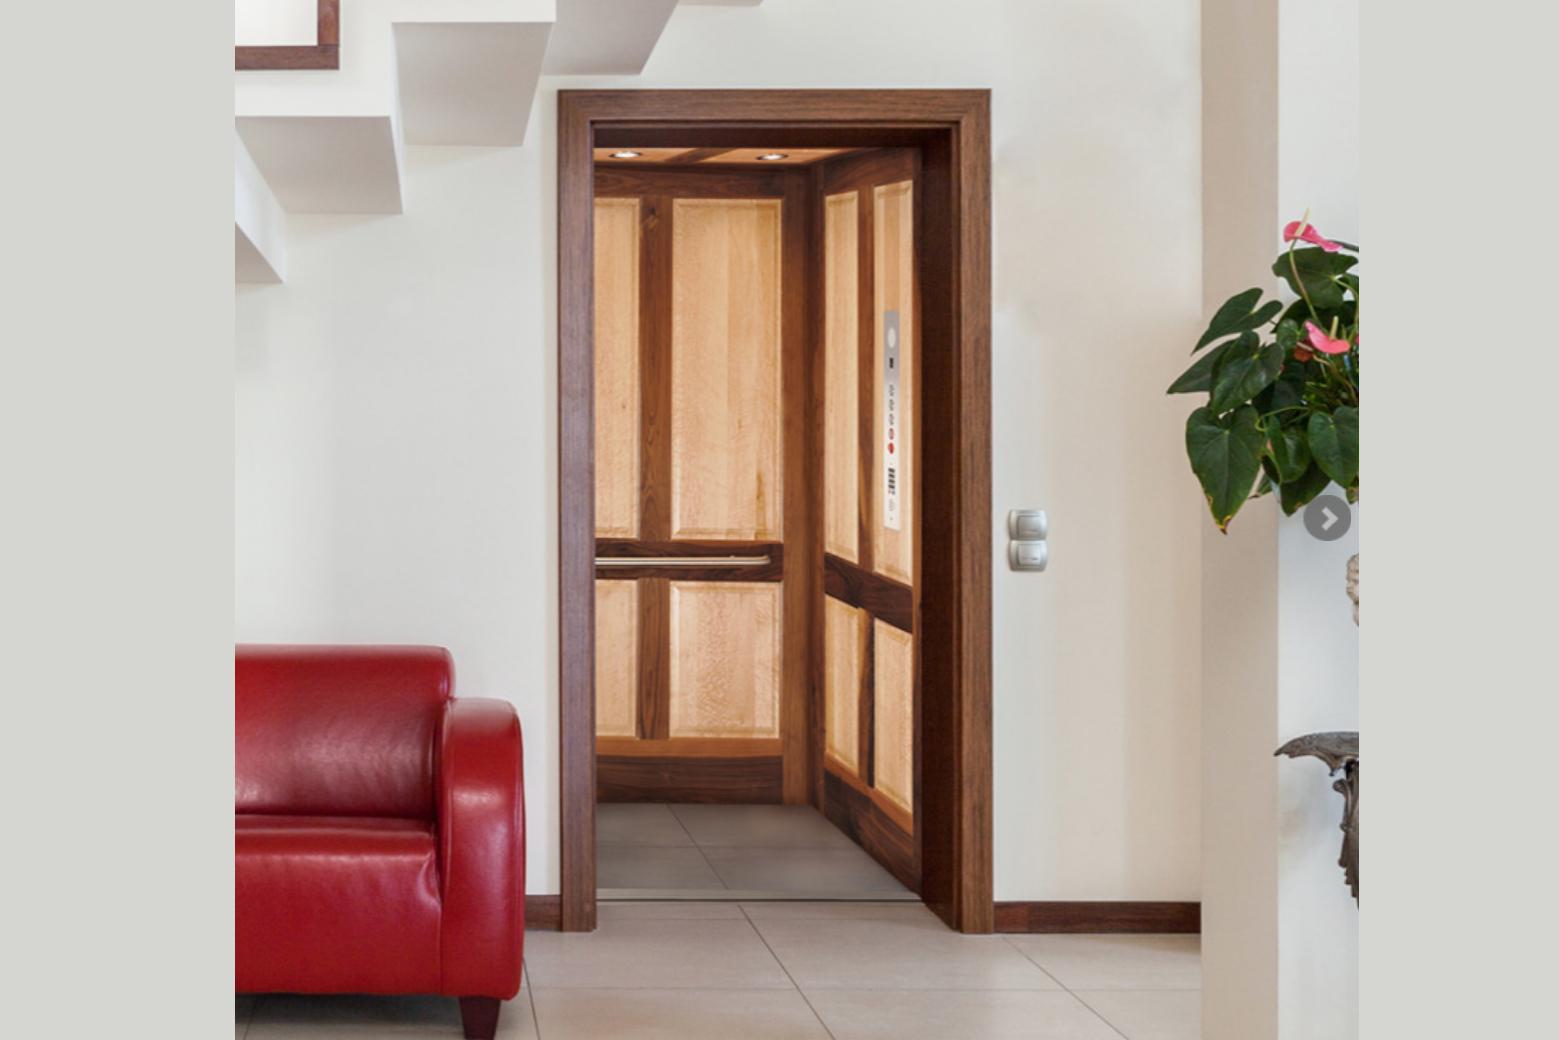 Wjaupaca residential elevator